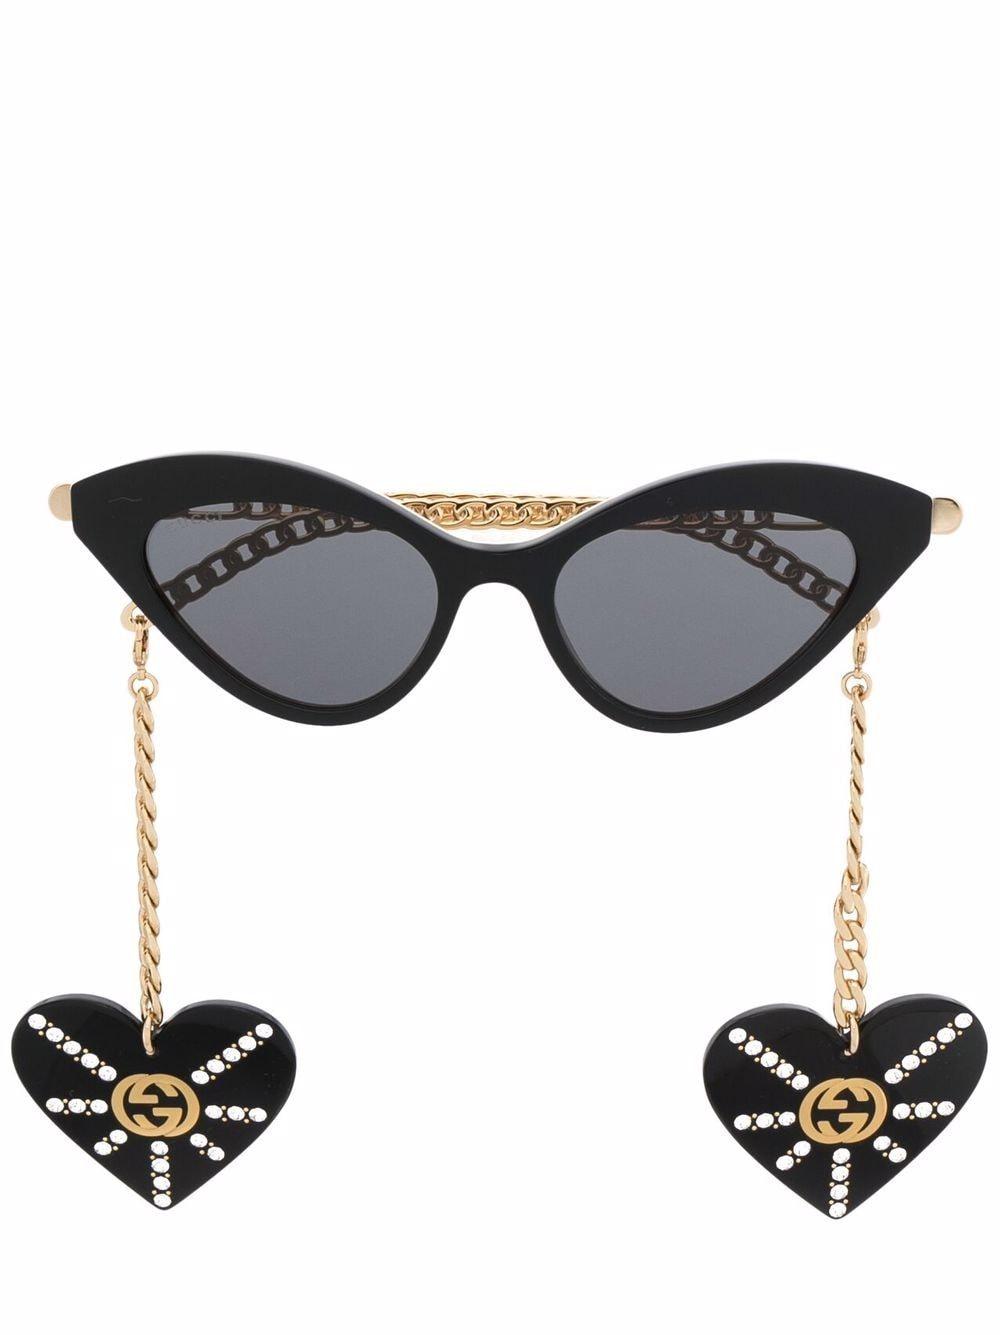 Gucci Eyewear Sonnenbrille mit Cat-Eye-Gestell - Schwarz